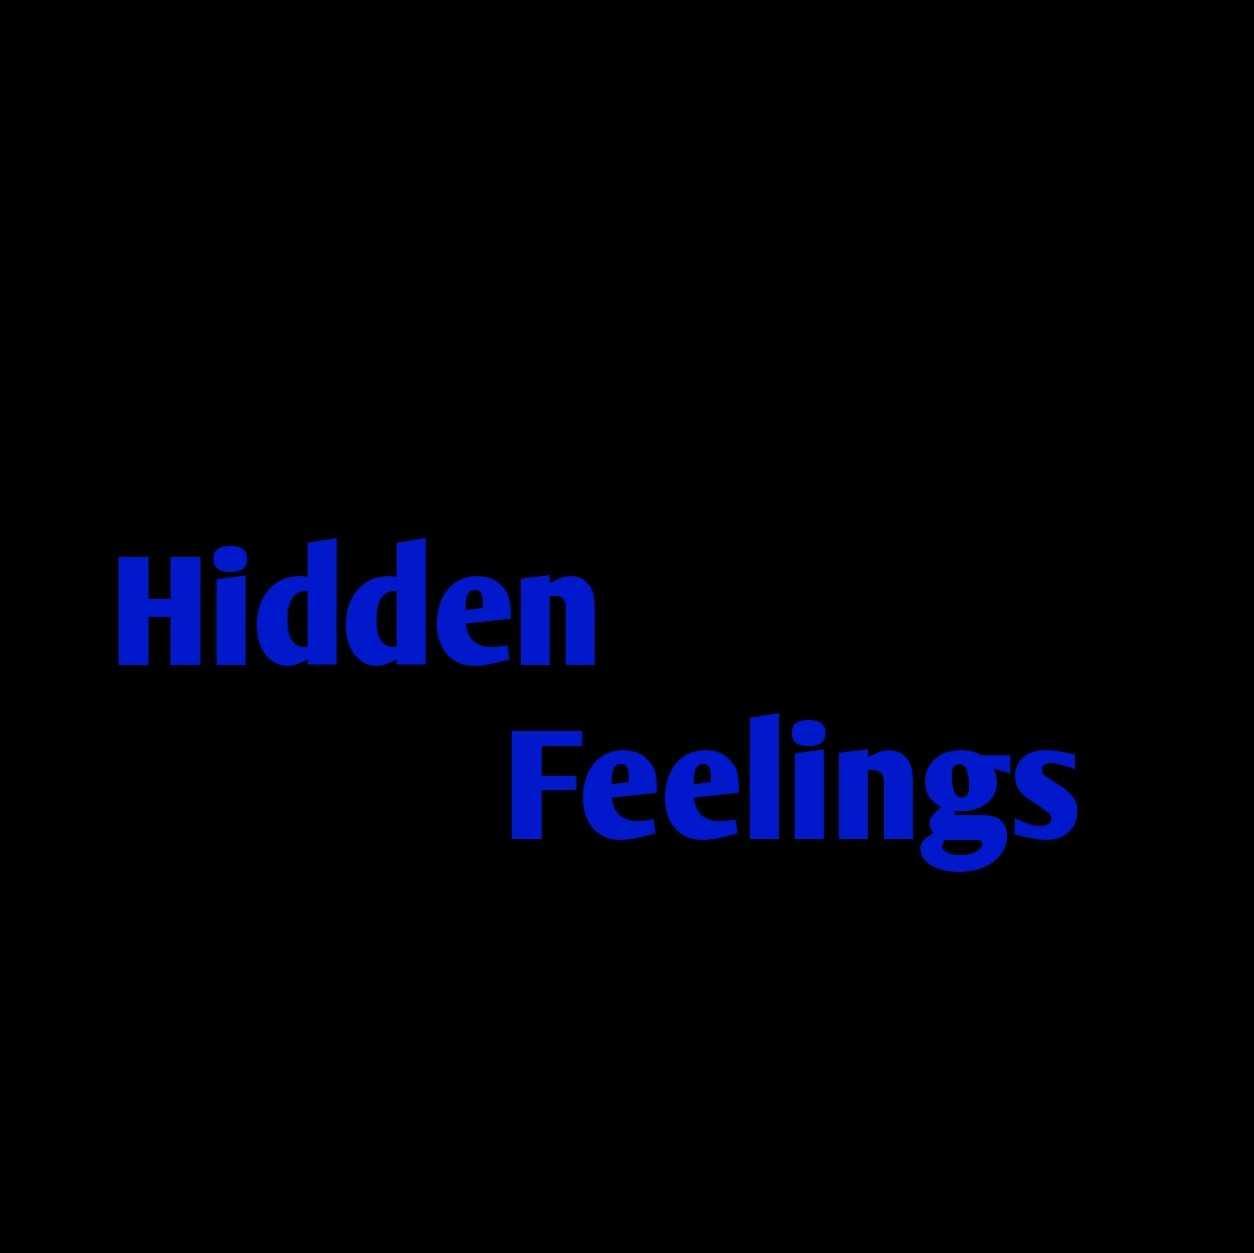 Hiddenfeelings